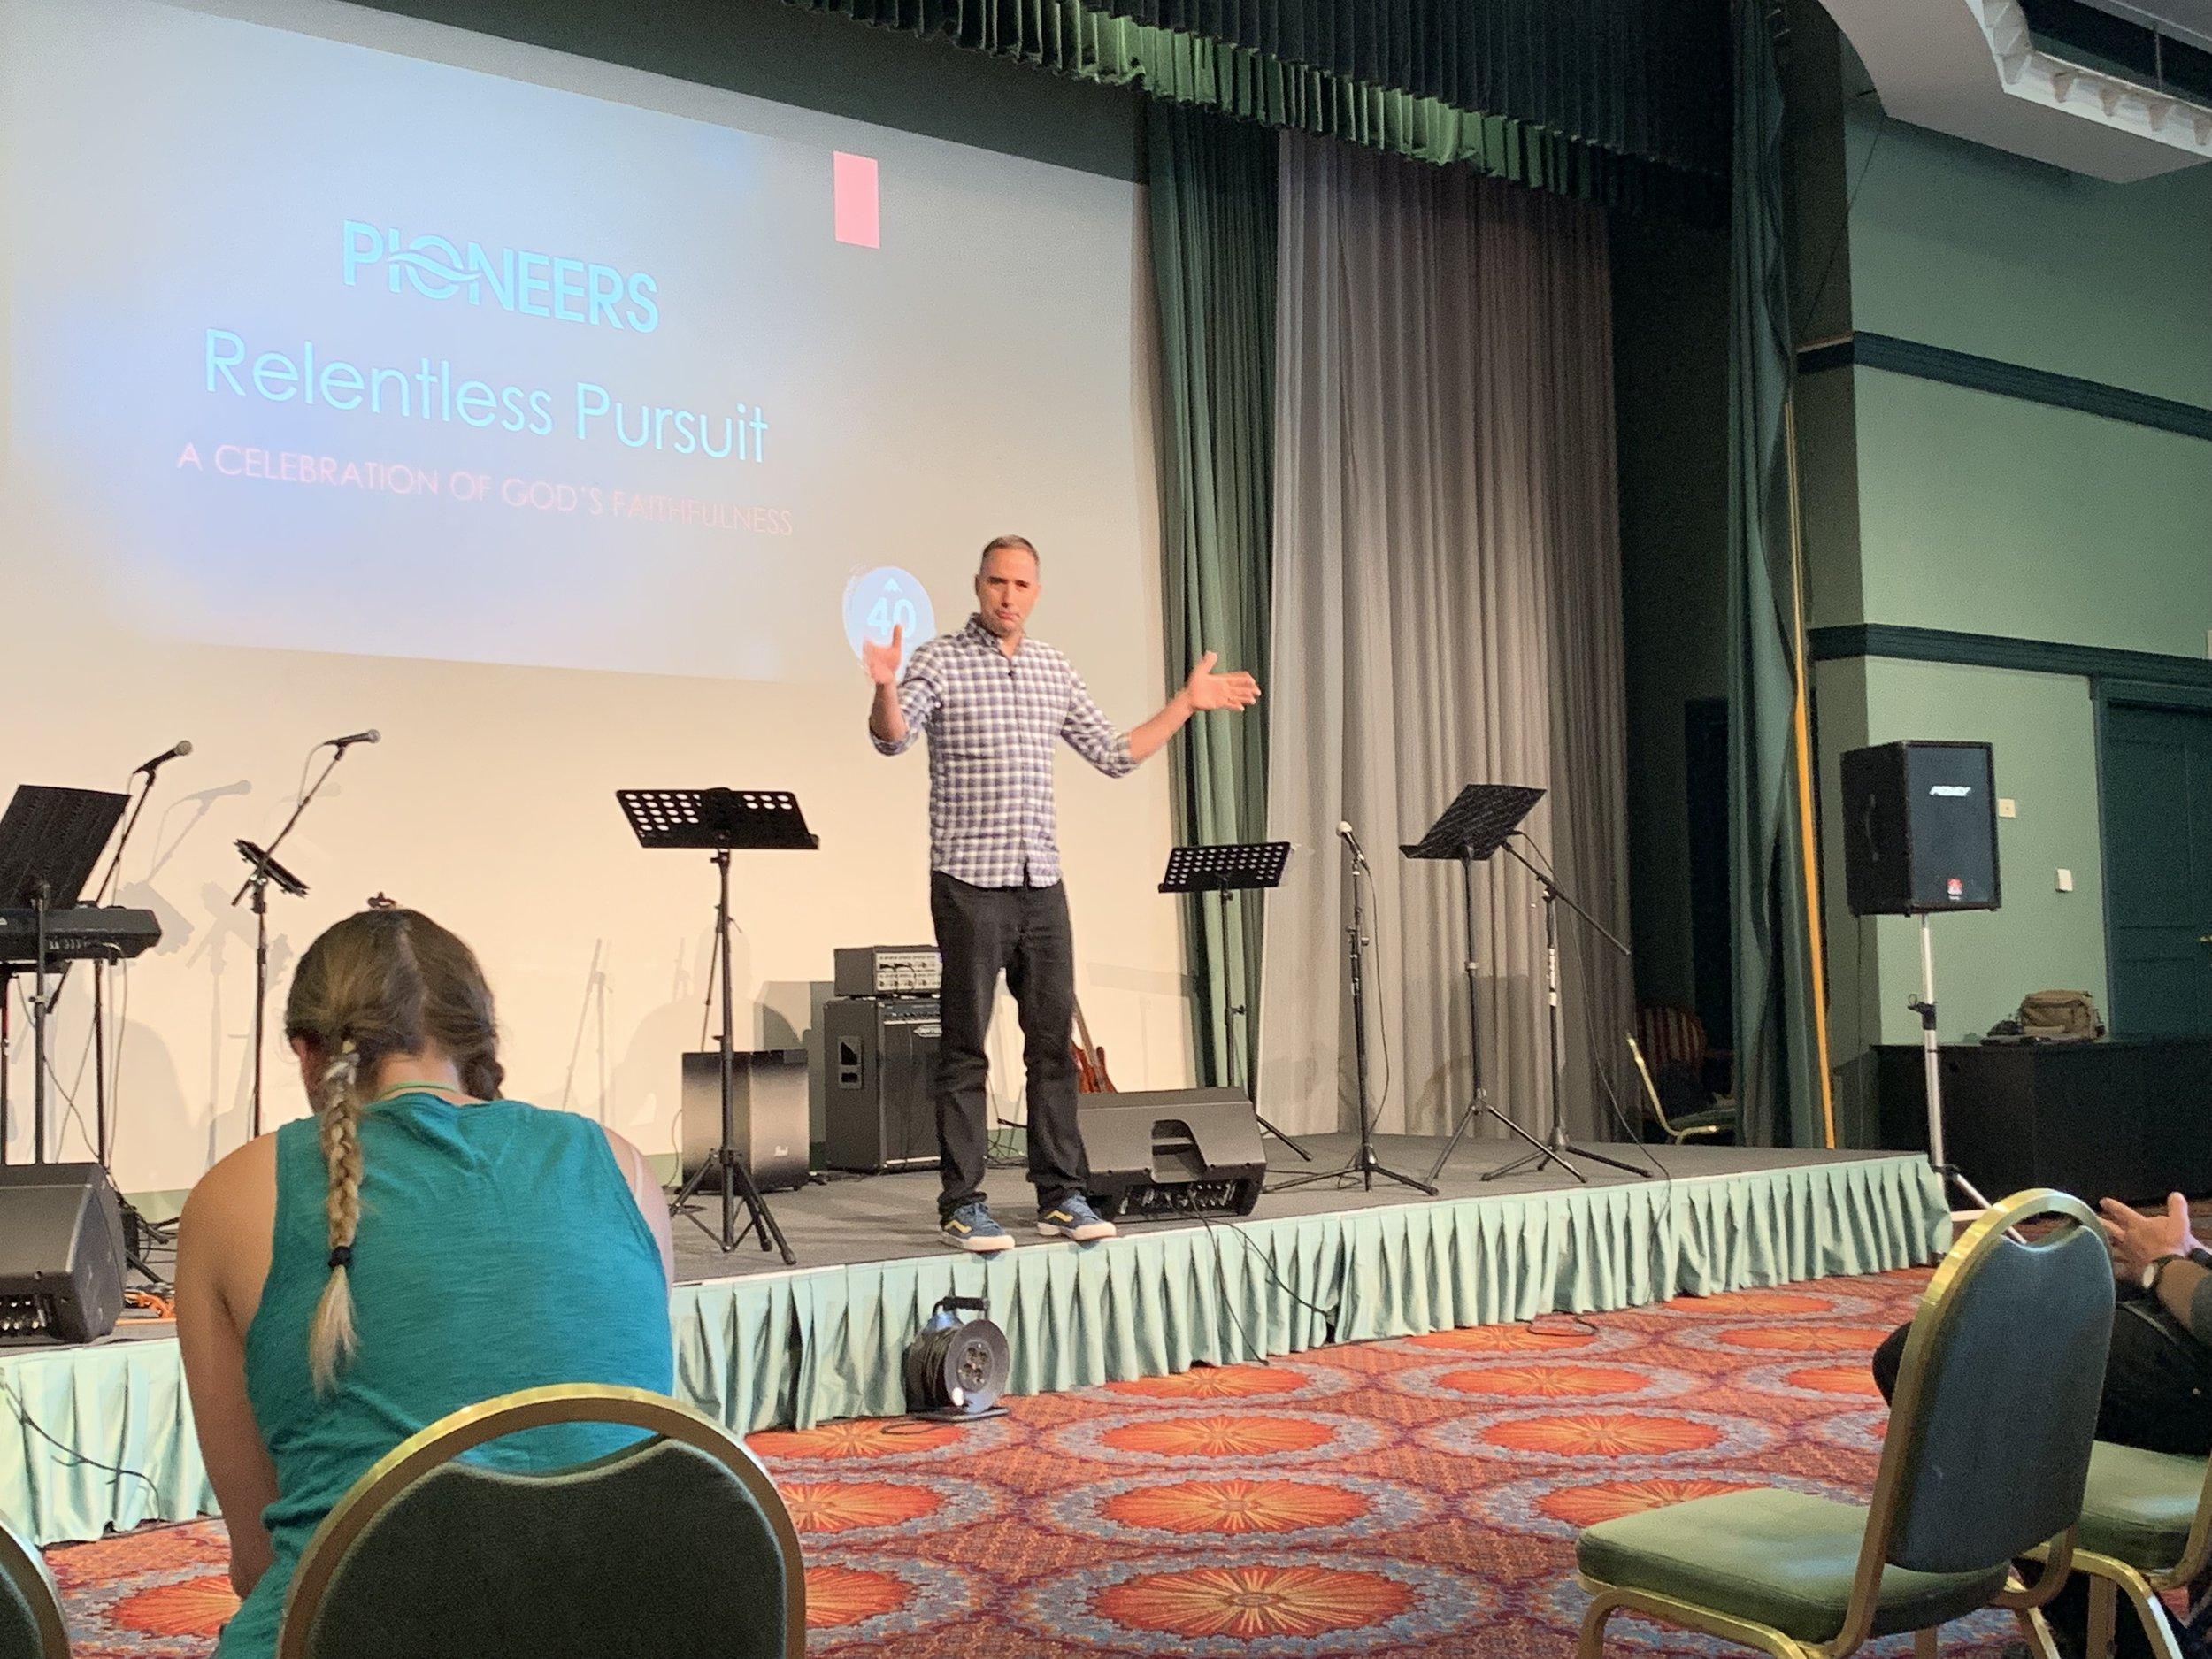 Hearing Mark Oshman preach again was a treat